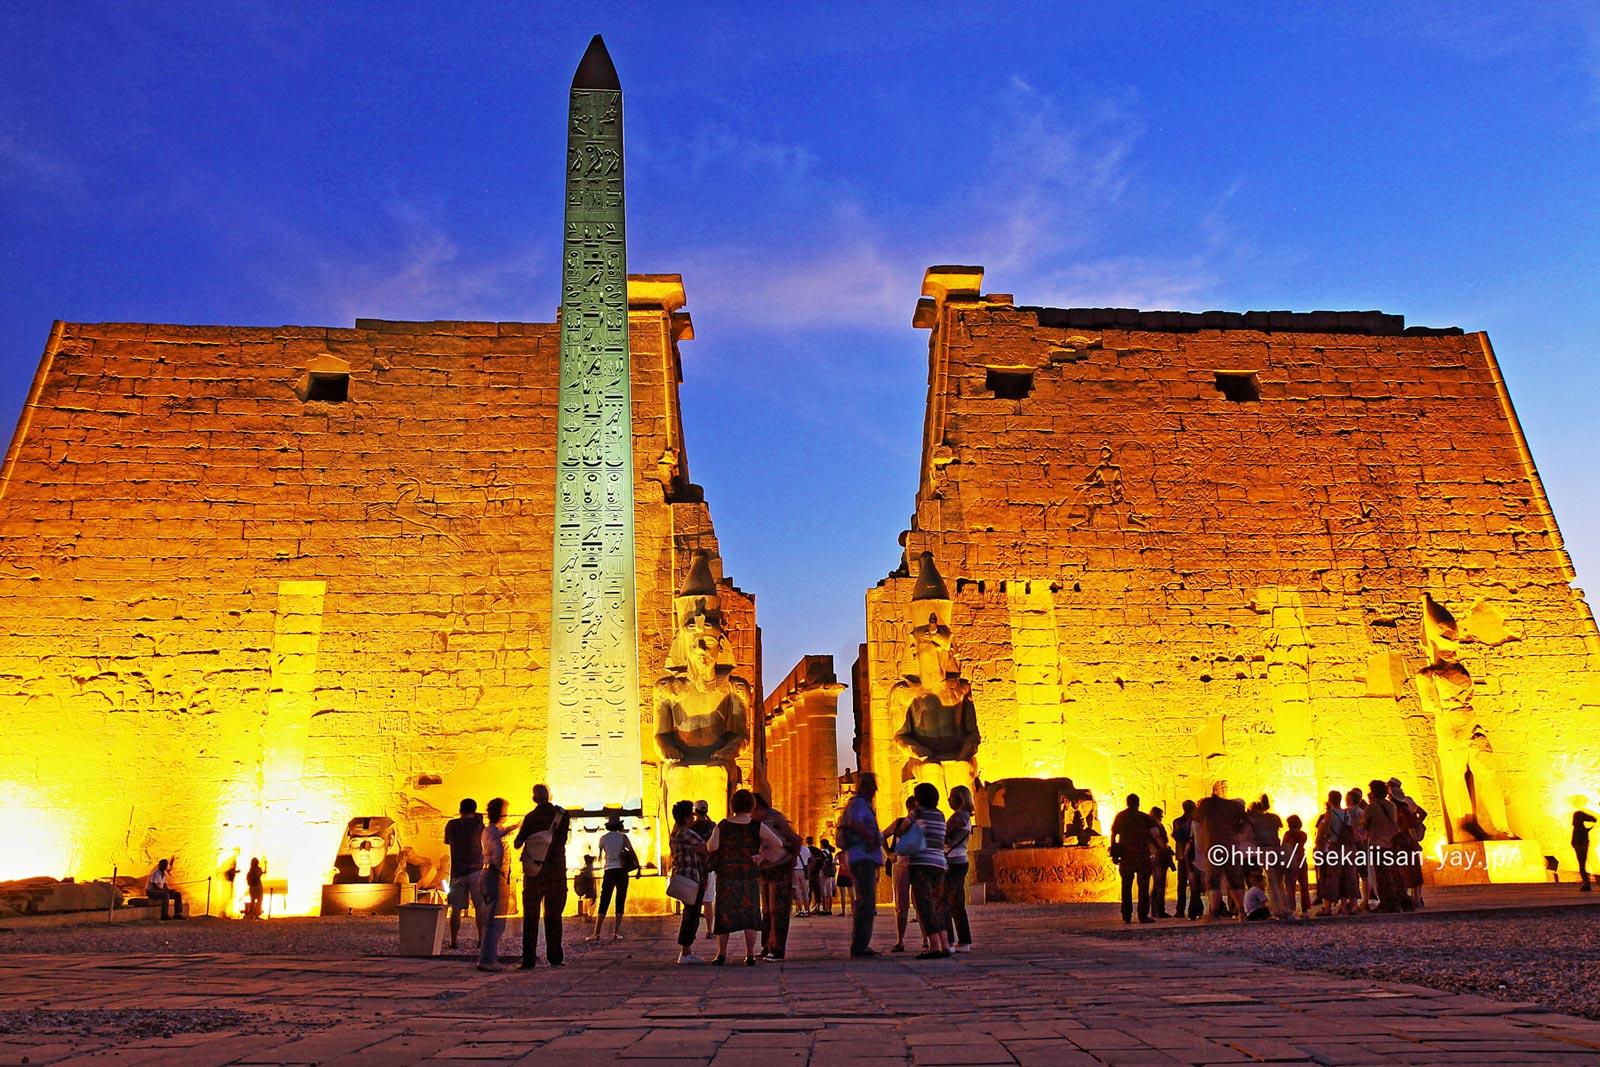 エジプト「古代都市テーベとその墓地遺跡」ルクソール神殿の夜景